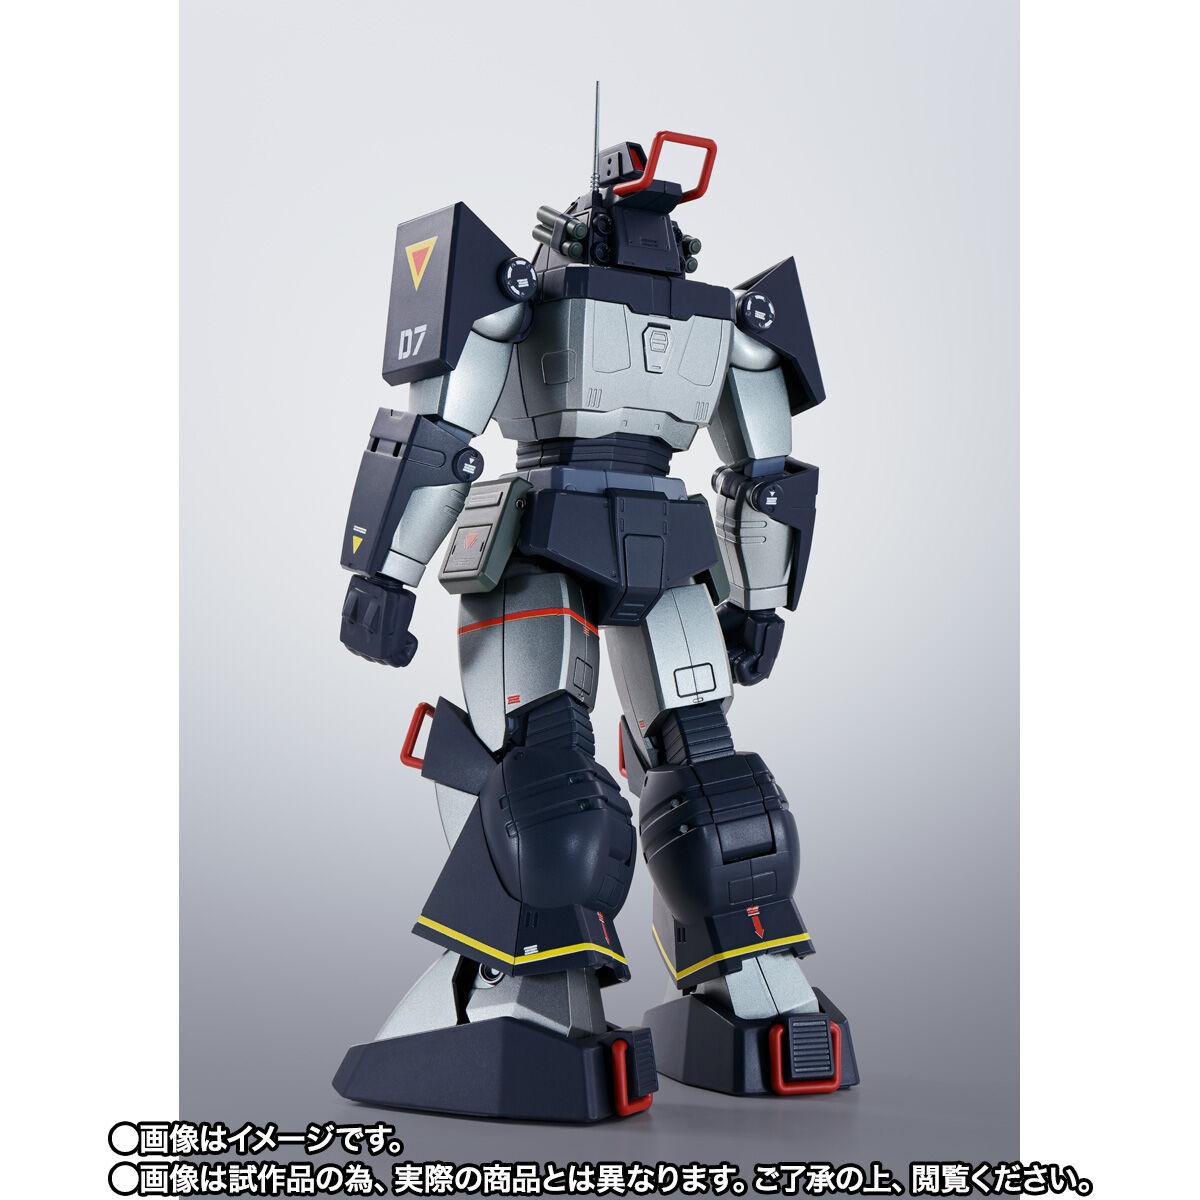 【限定販売】HI-METAL R『ダグラム & インステッド 40th Anniv.』太陽の牙ダグラム 可動フィギュア-003